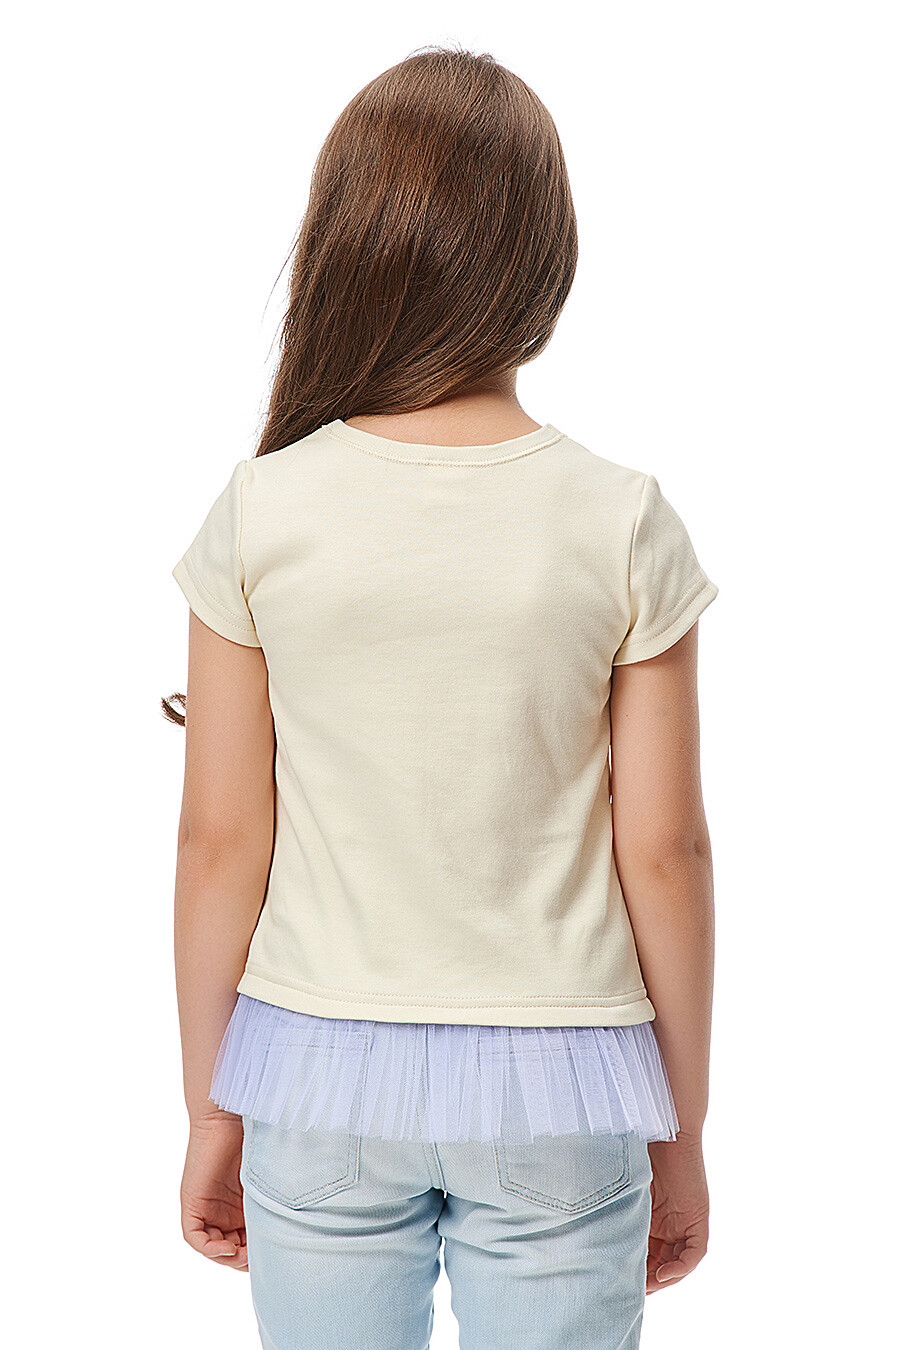 Футболка для девочек LUCKY CHILD 184680 купить оптом от производителя. Совместная покупка детской одежды в OptMoyo